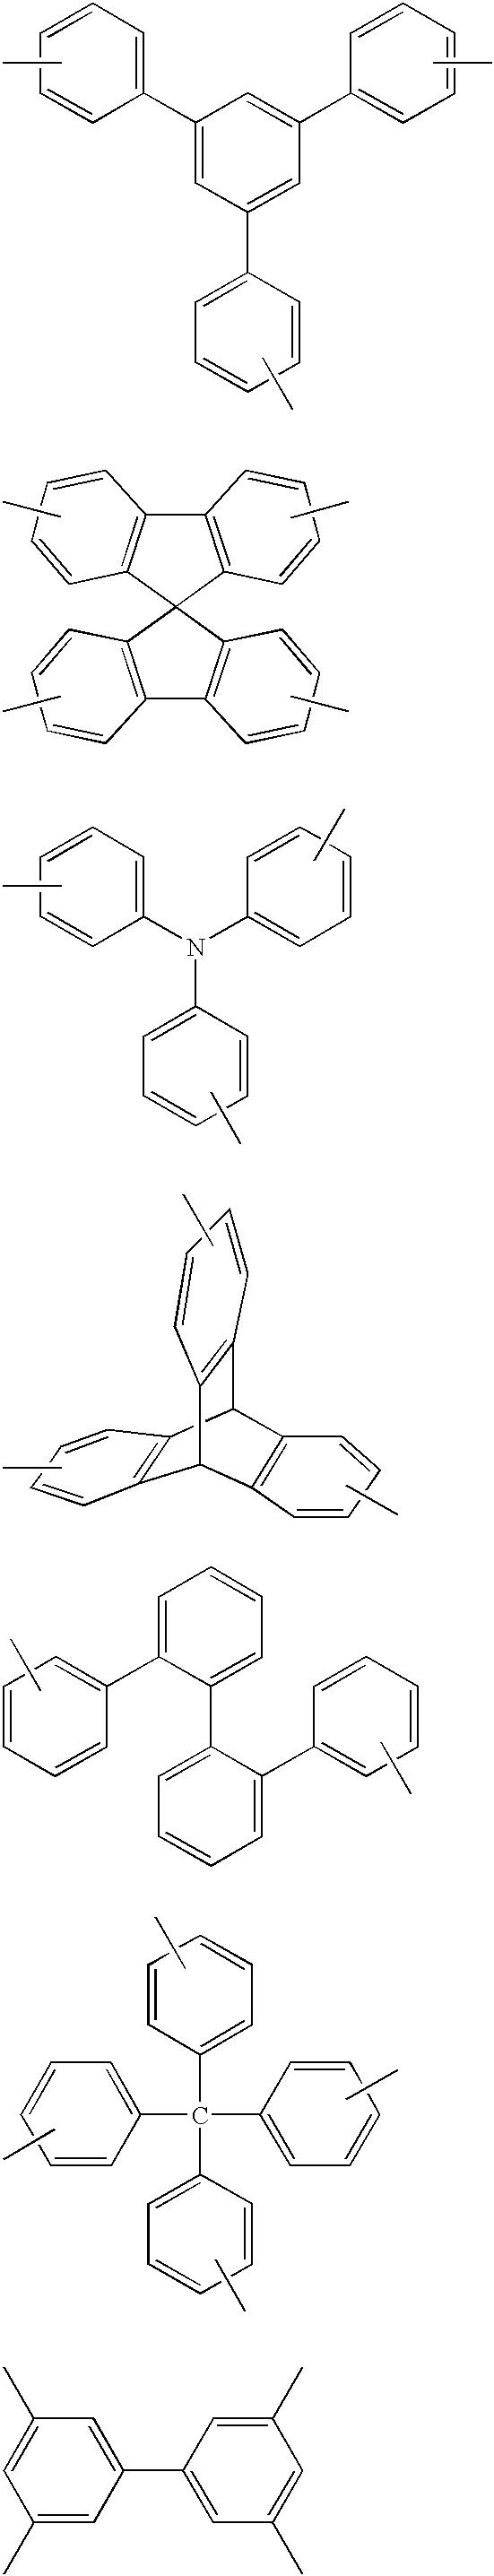 Figure US20030168970A1-20030911-C00008